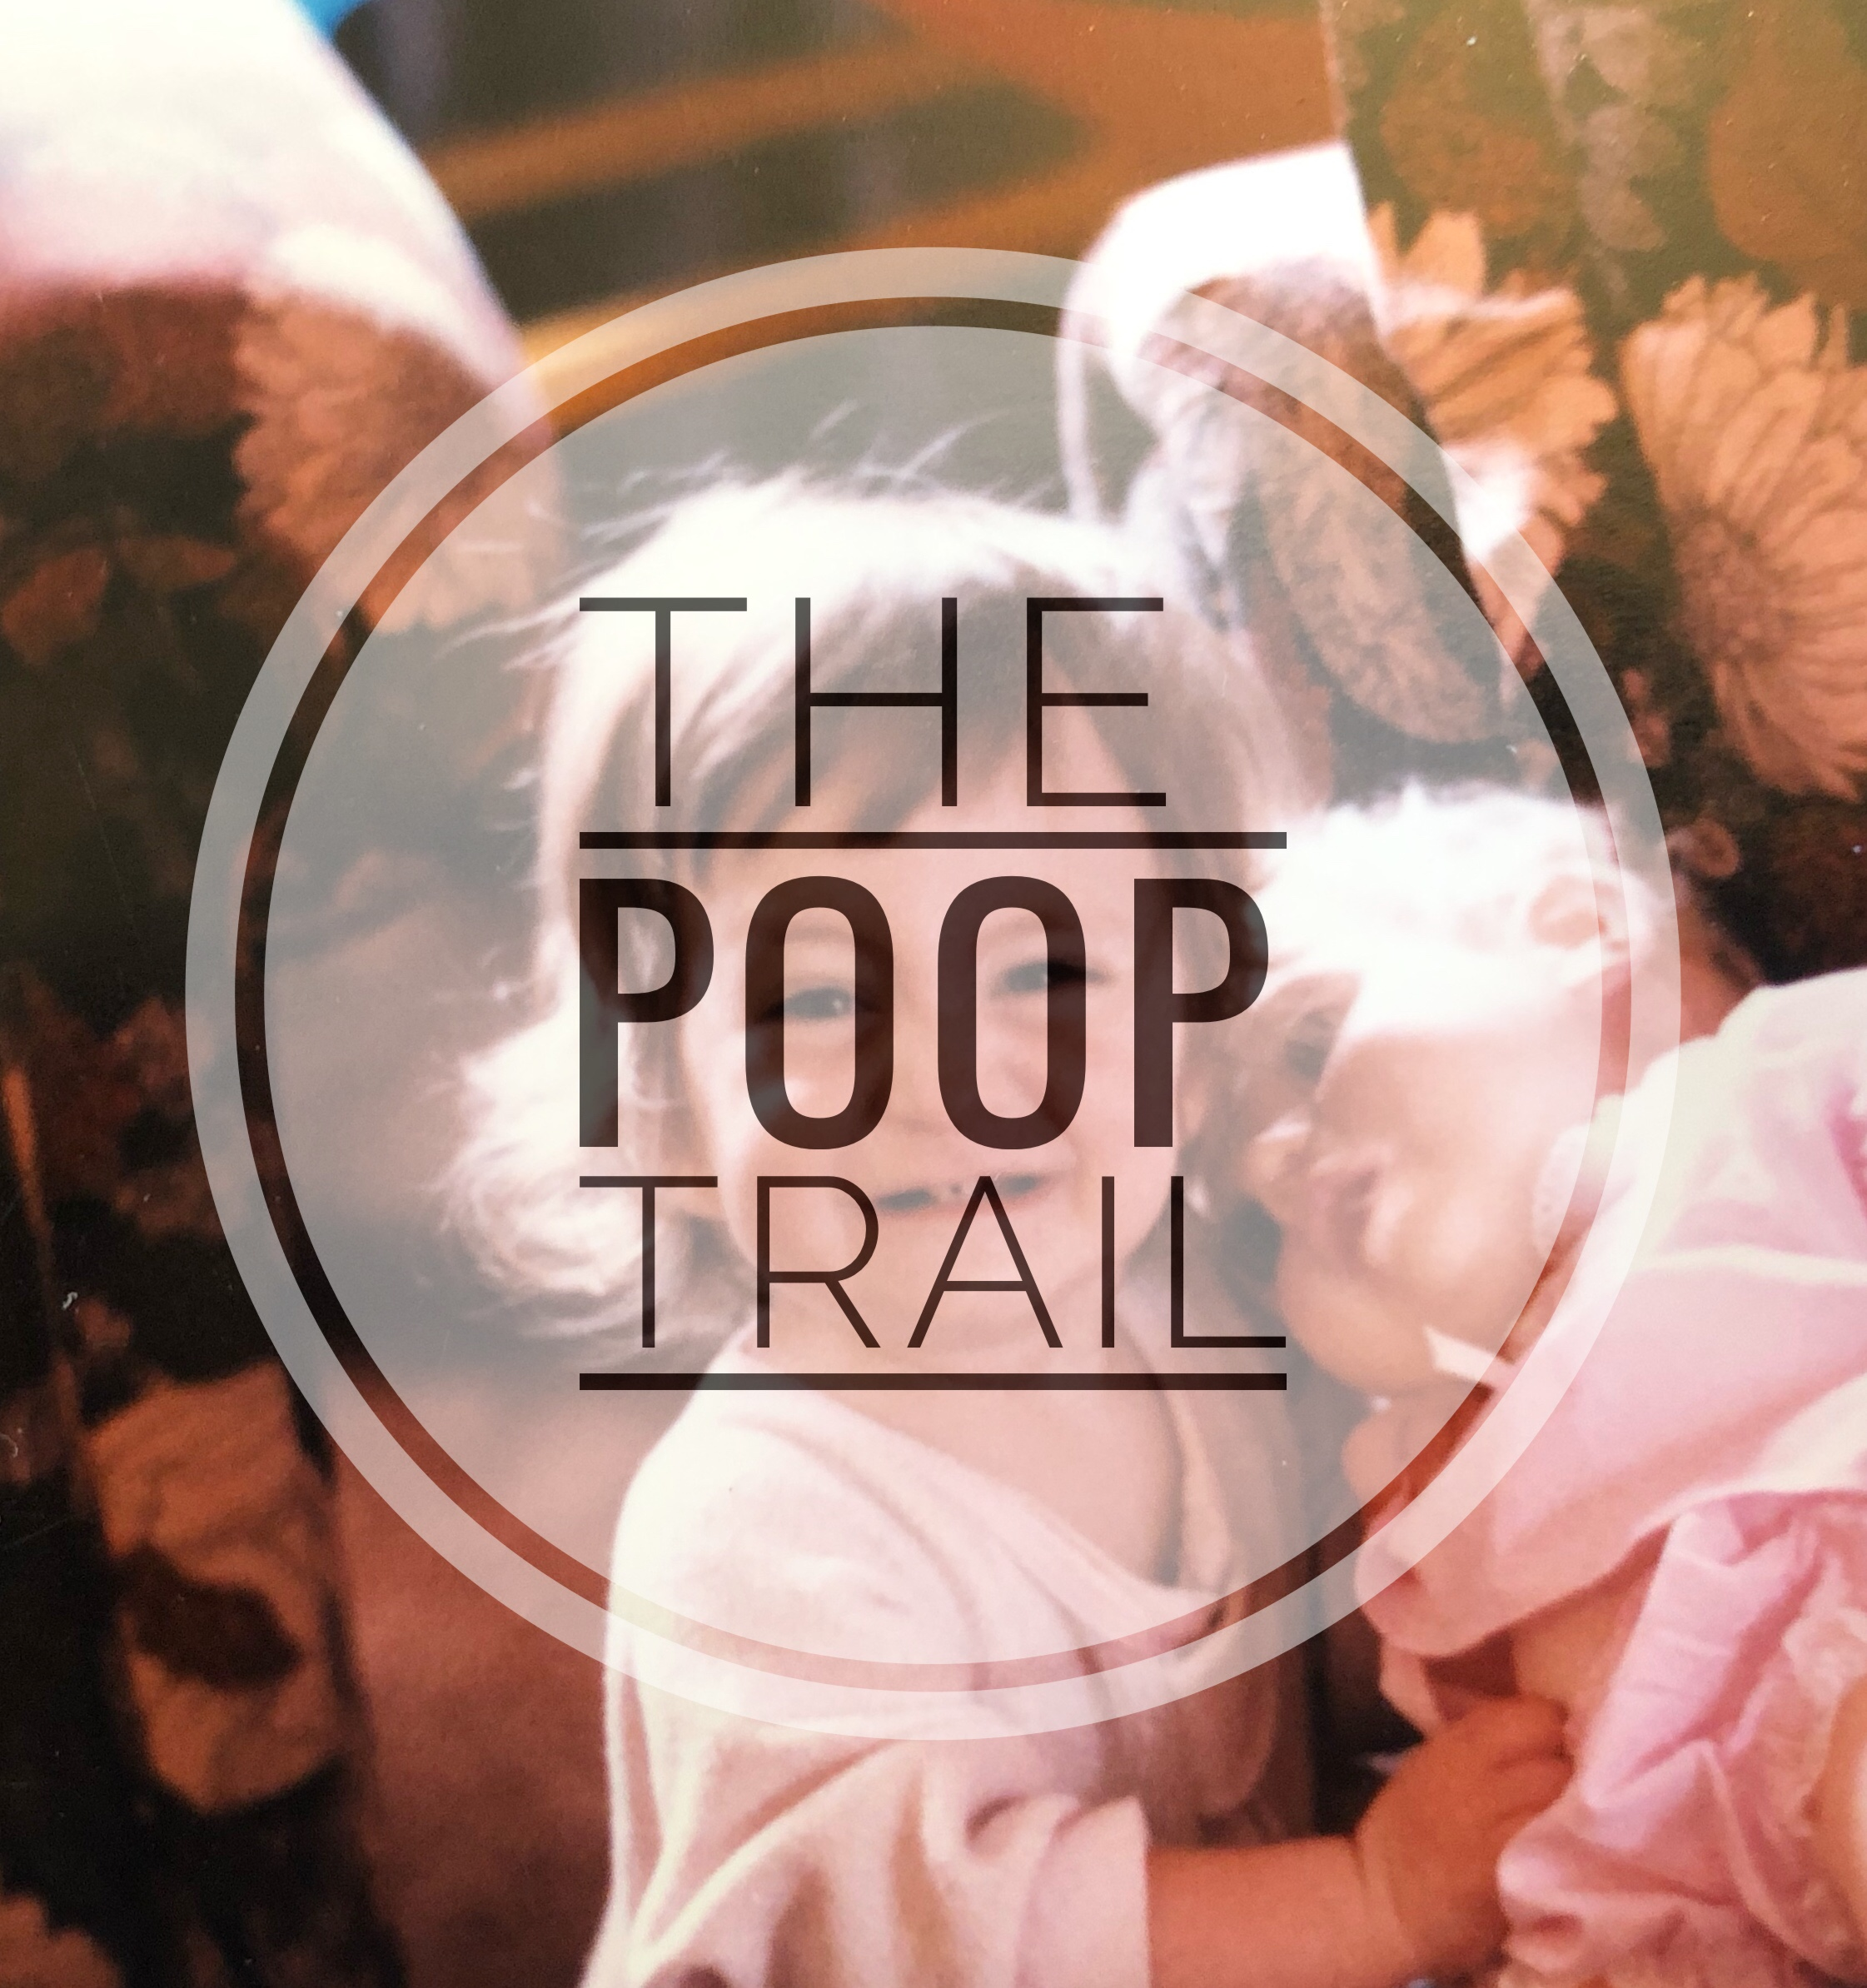 The Poop Trail